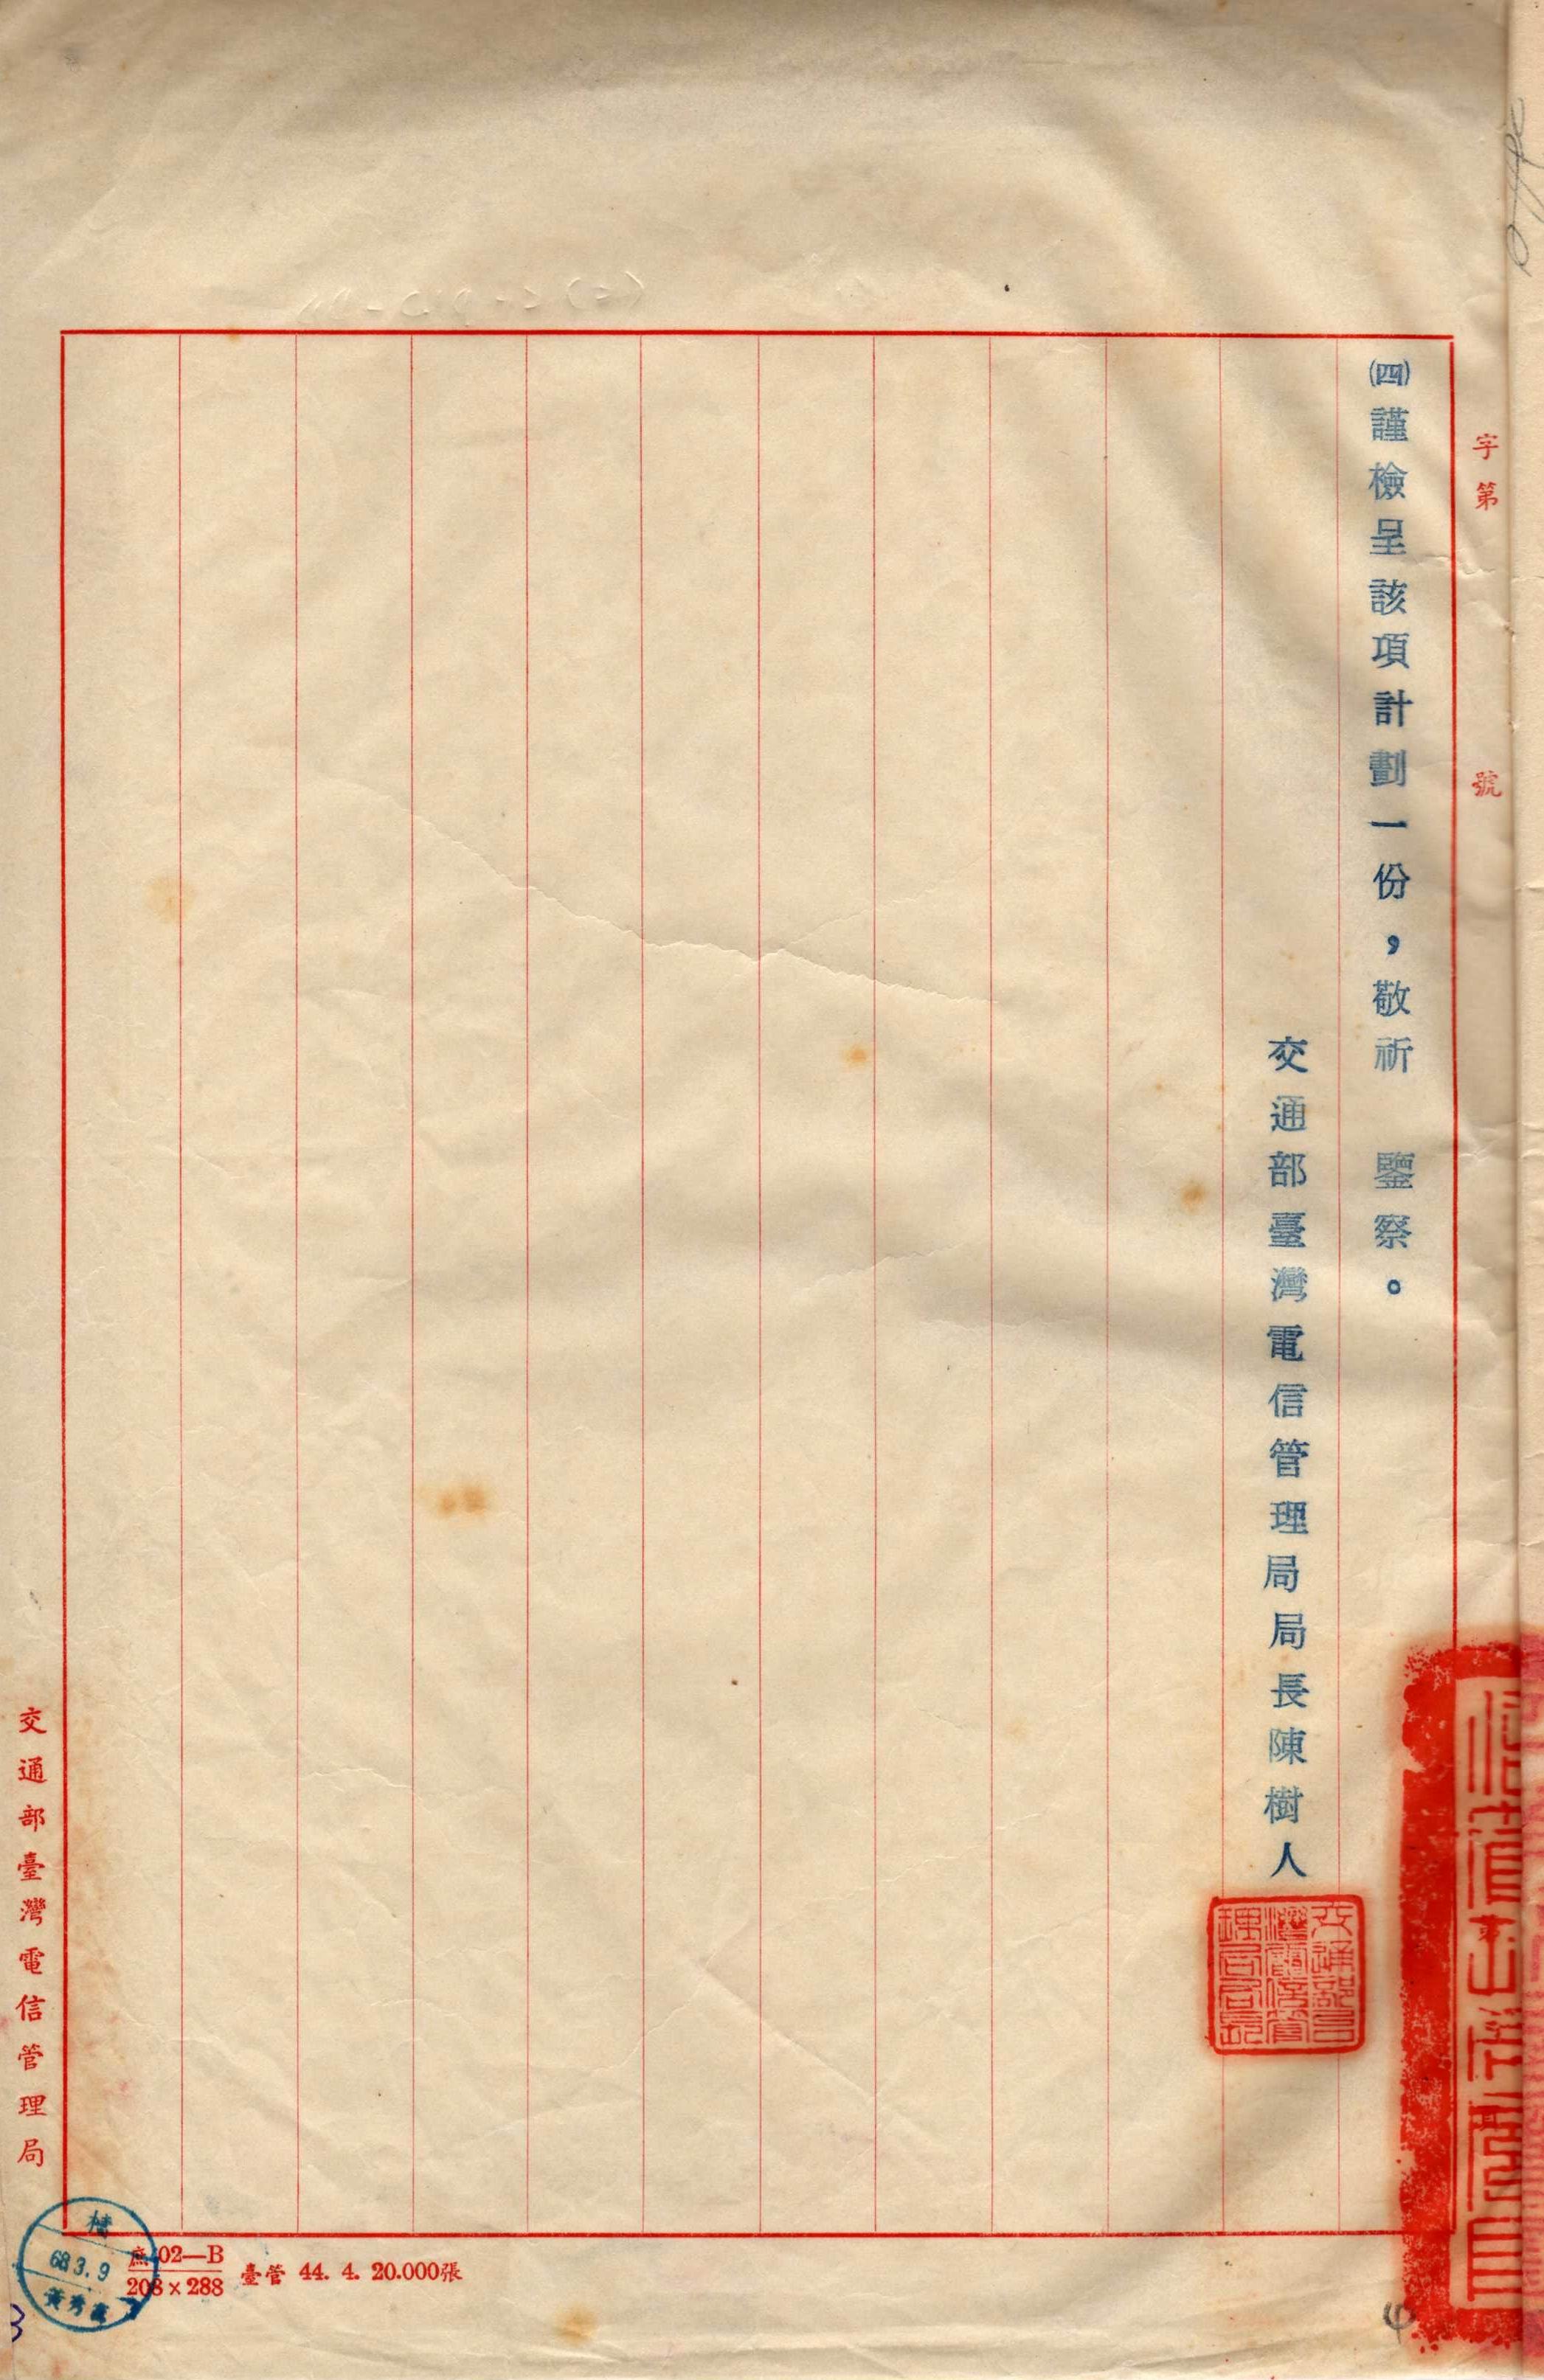 中華電信45年公用電話擴充計畫公文第4頁